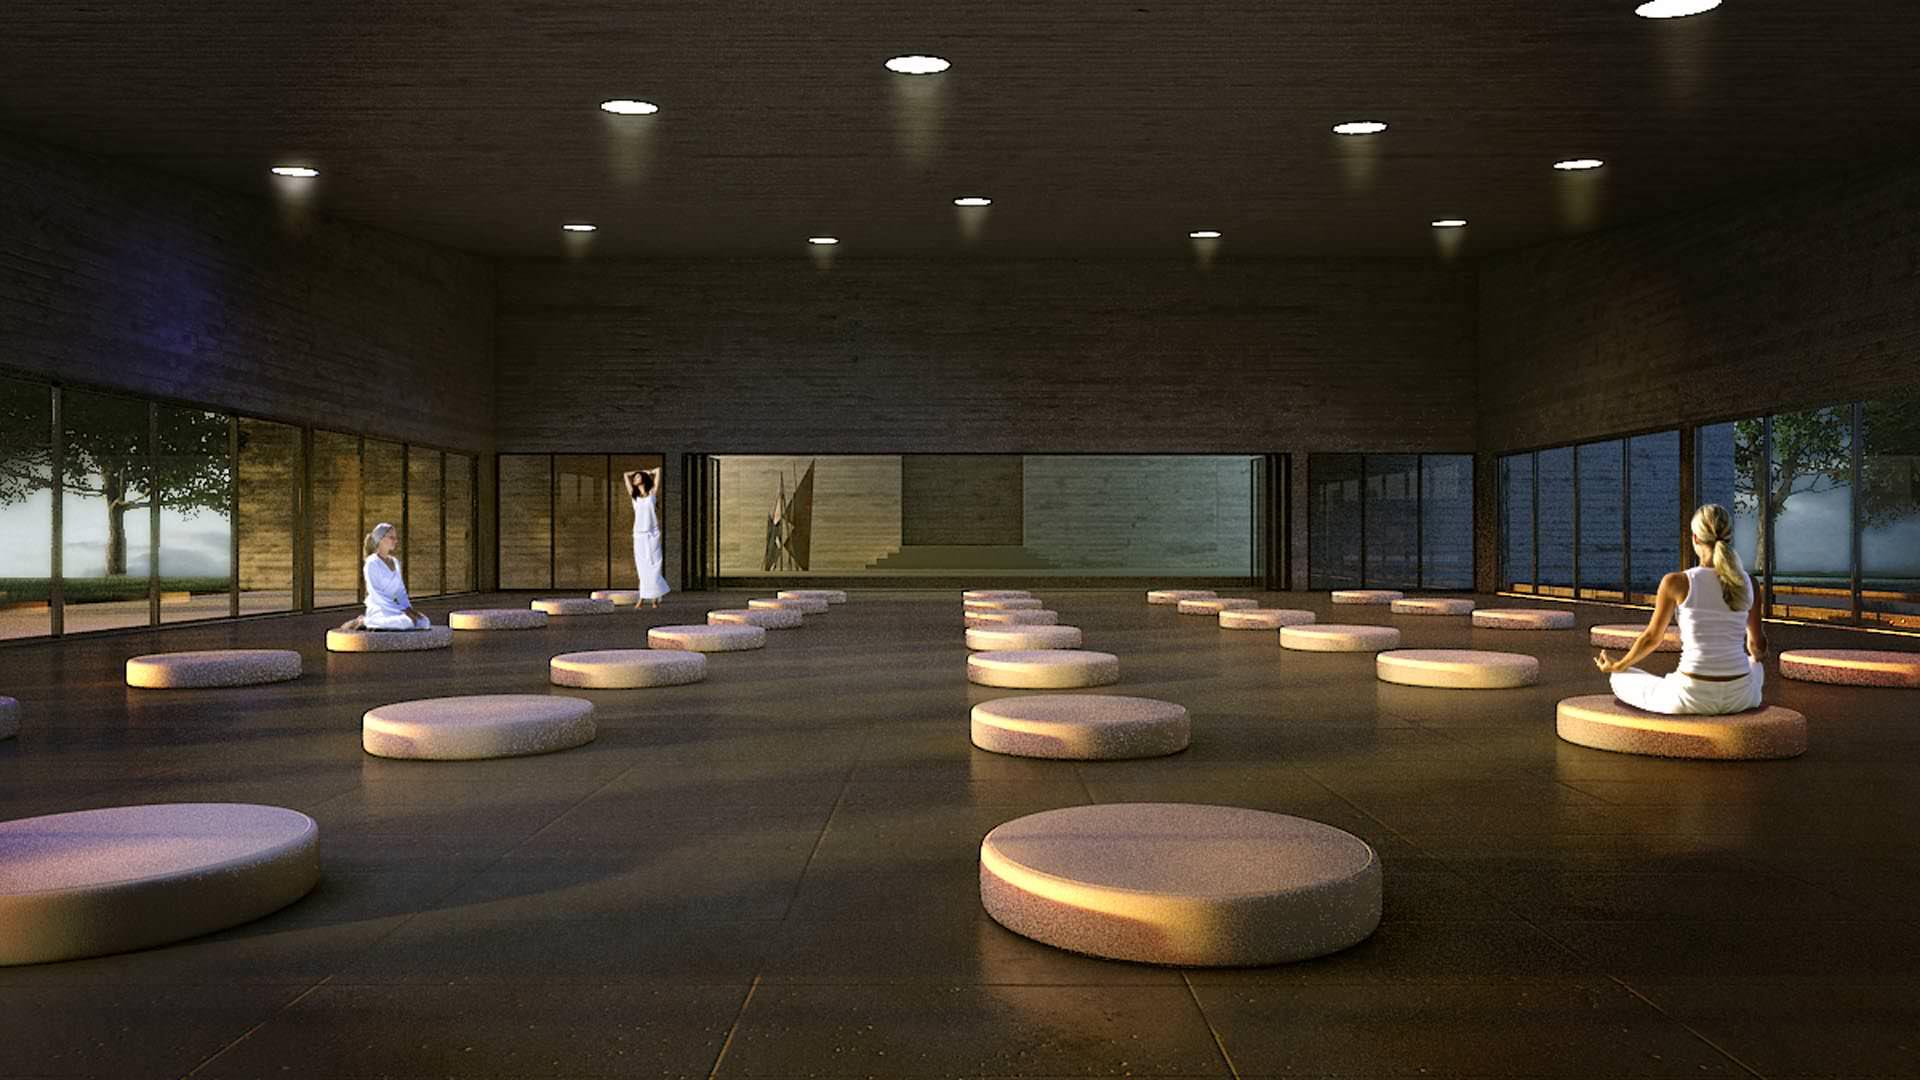 1426 meditation centre internal